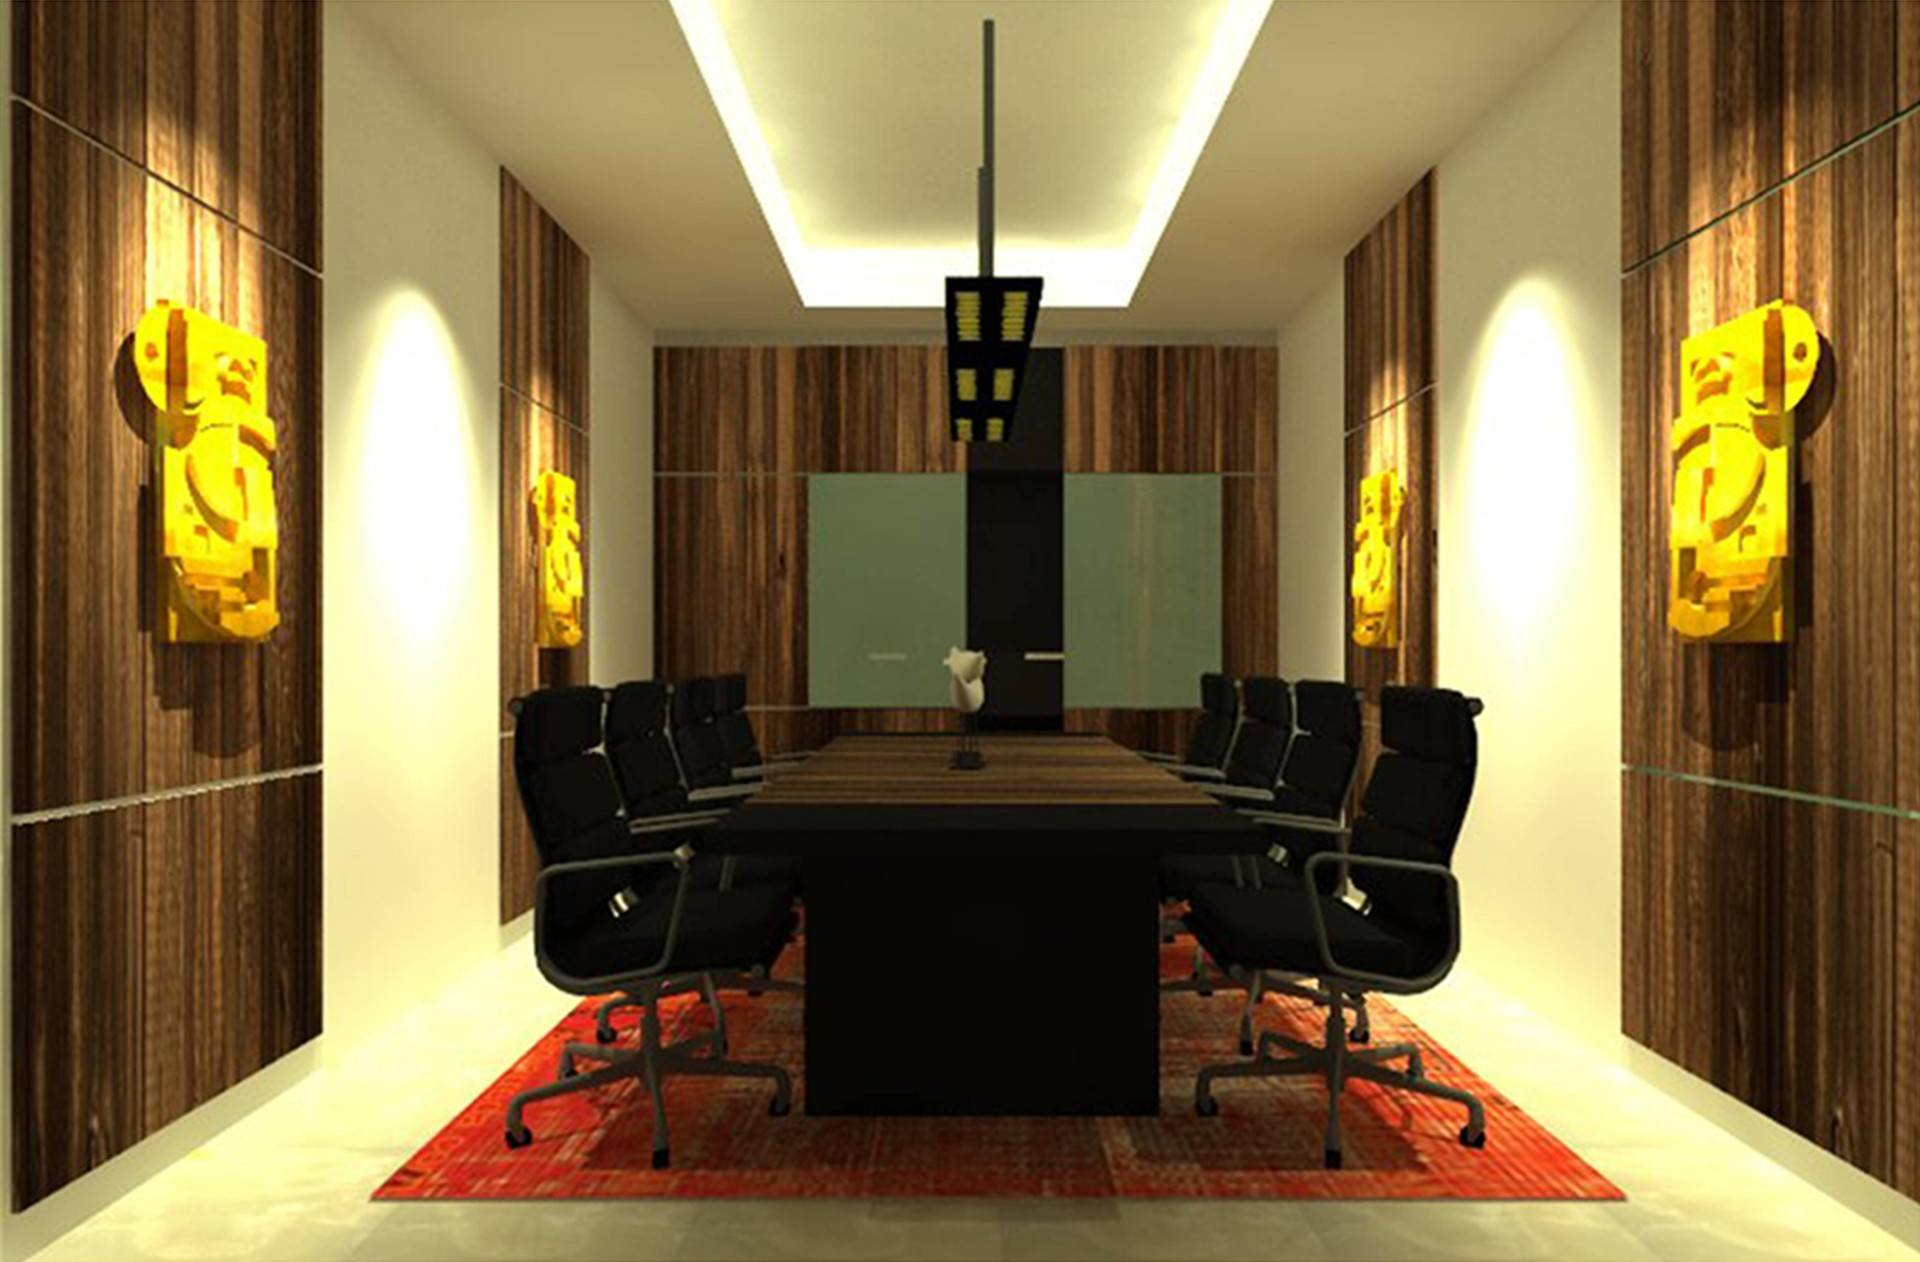 Tms Creative Pt Malaka Utama Office Jl. Cijagra, Buah Batu, Bandung Jl. Cijagra, Buah Batu, Bandung Meeting Room Modern  2175